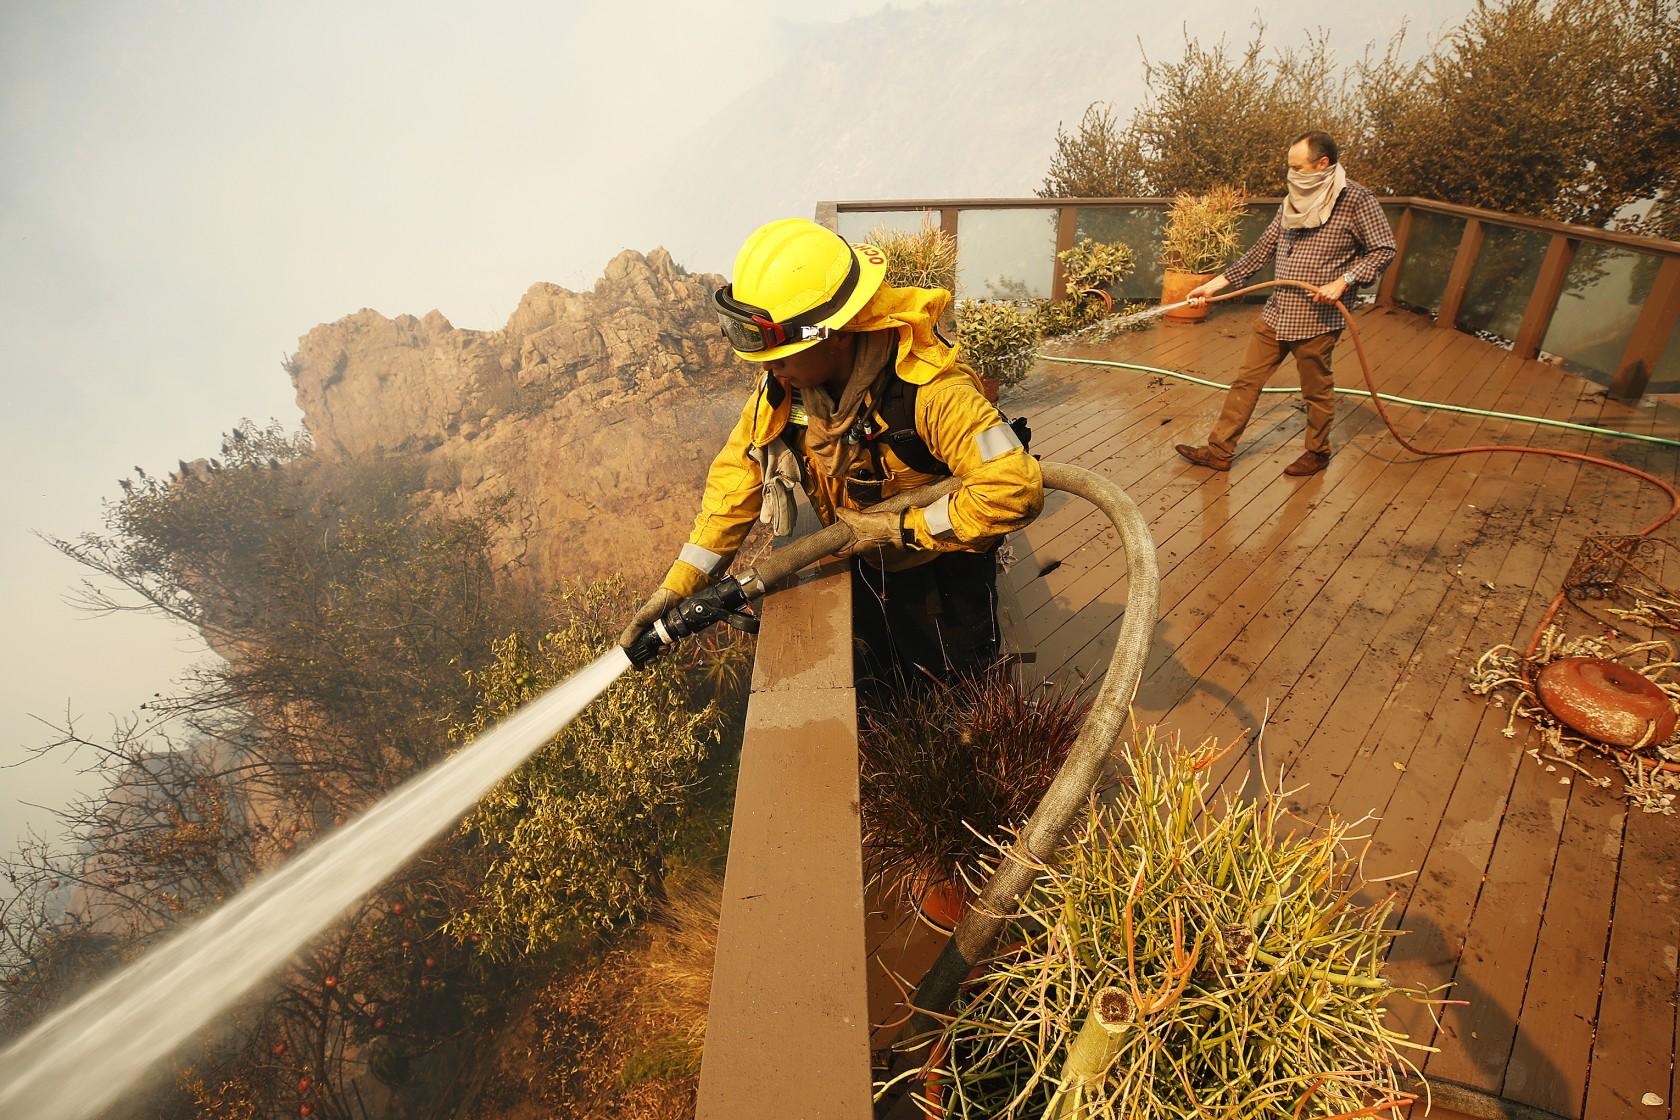 آتشسوزی کالیفرنیا: هزاران نفر آواره، یک میلیون نفر در خاموشی